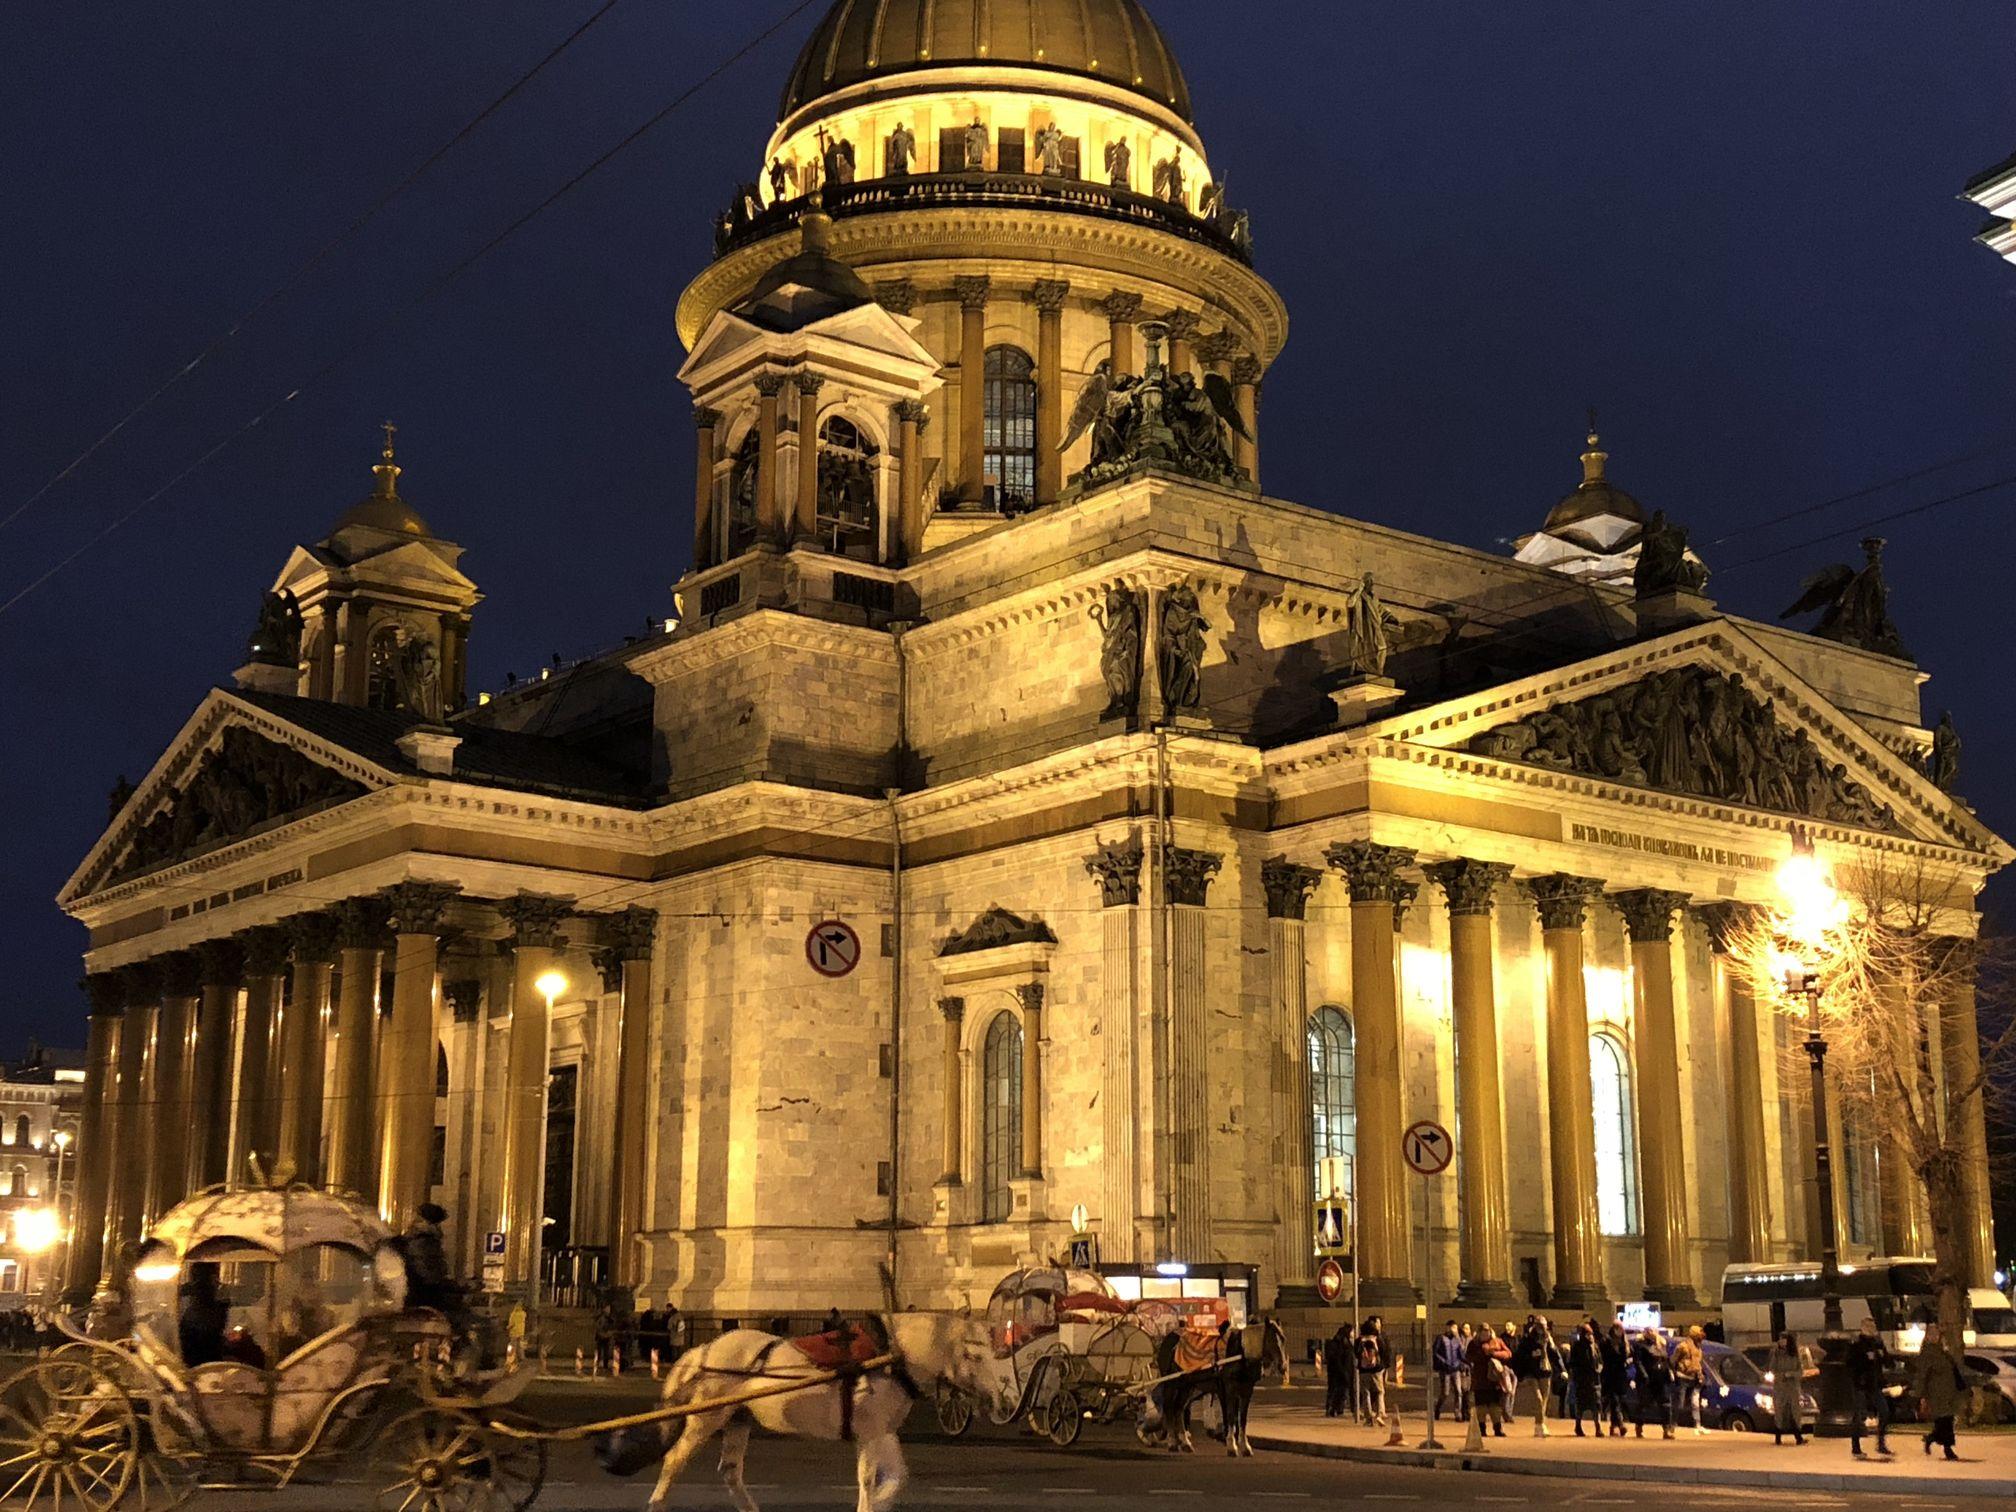 istoricheskaya_panorama_sankt_peterburga